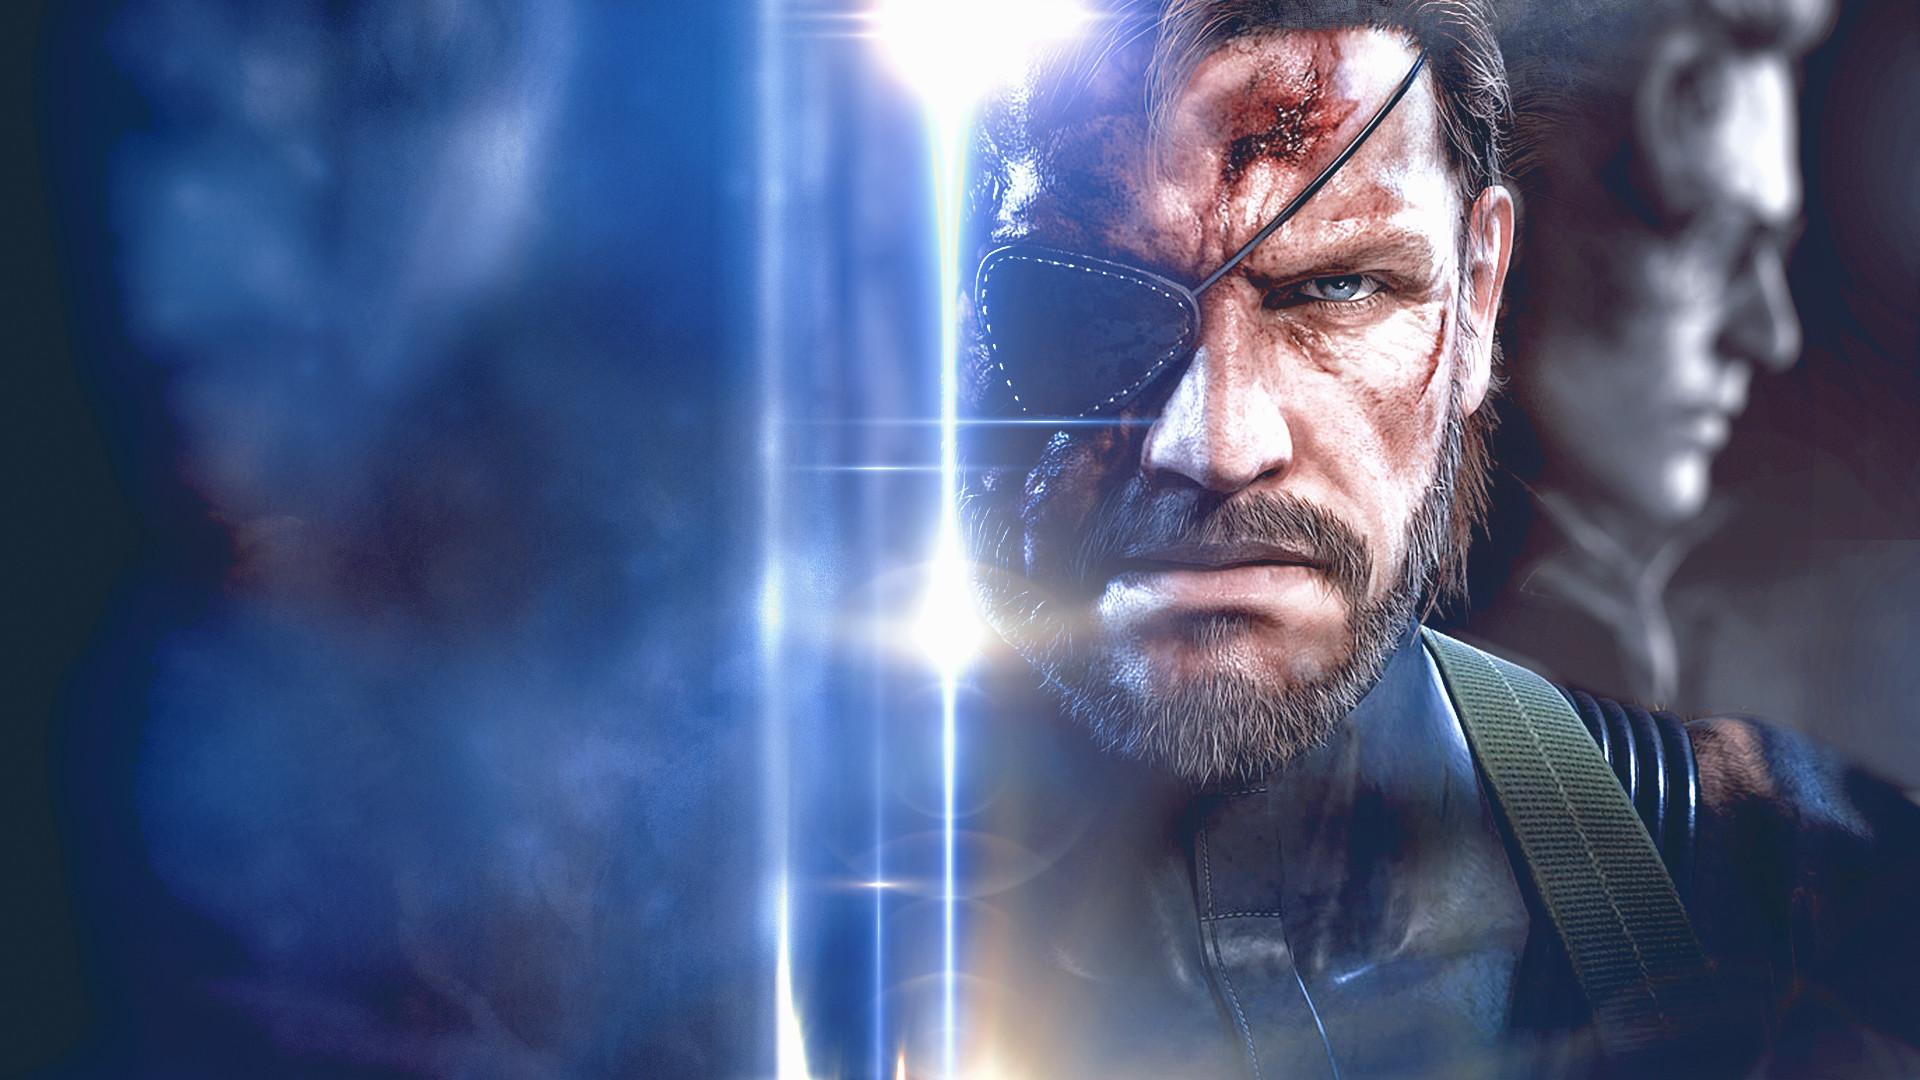 Video Game – Metal Gear Metal Gear Solid Solid Snake Big Boss (Metal Gear  Solid